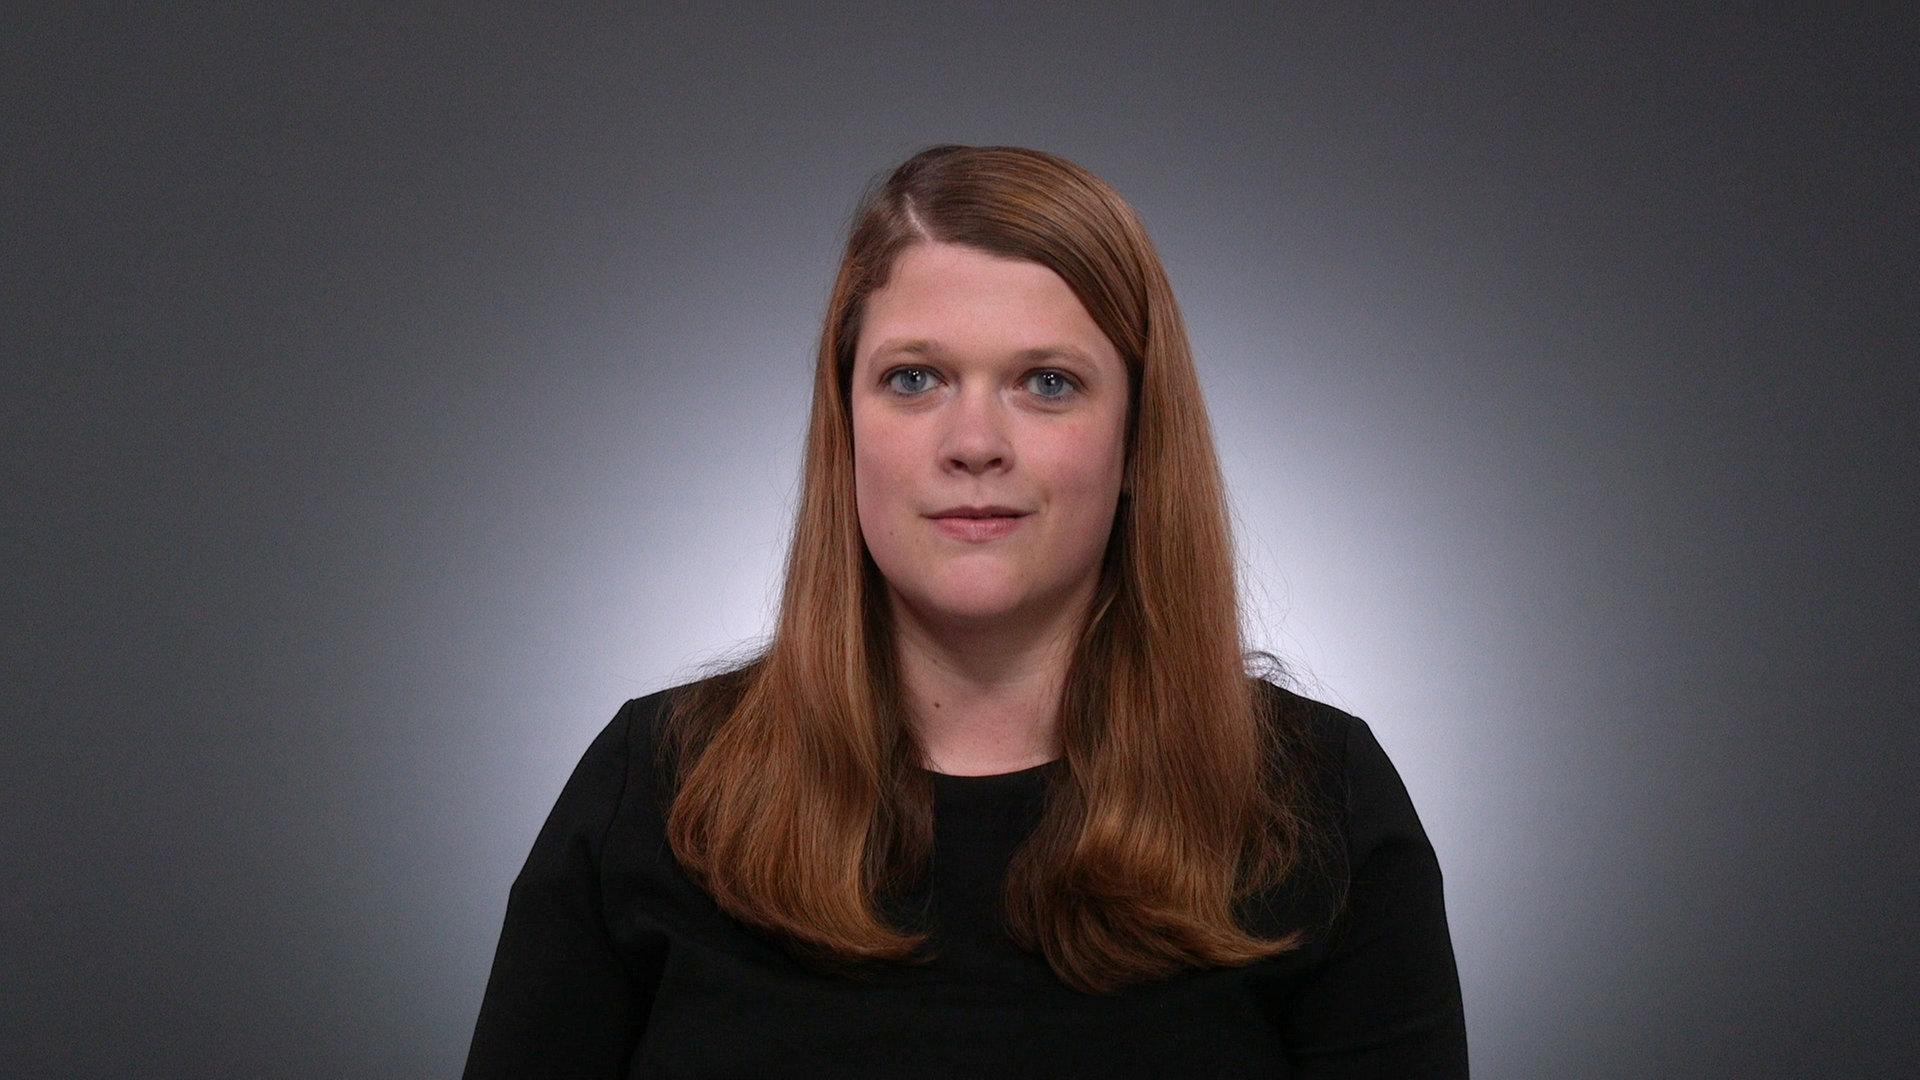 Annkathrin Kammeyer, SPD